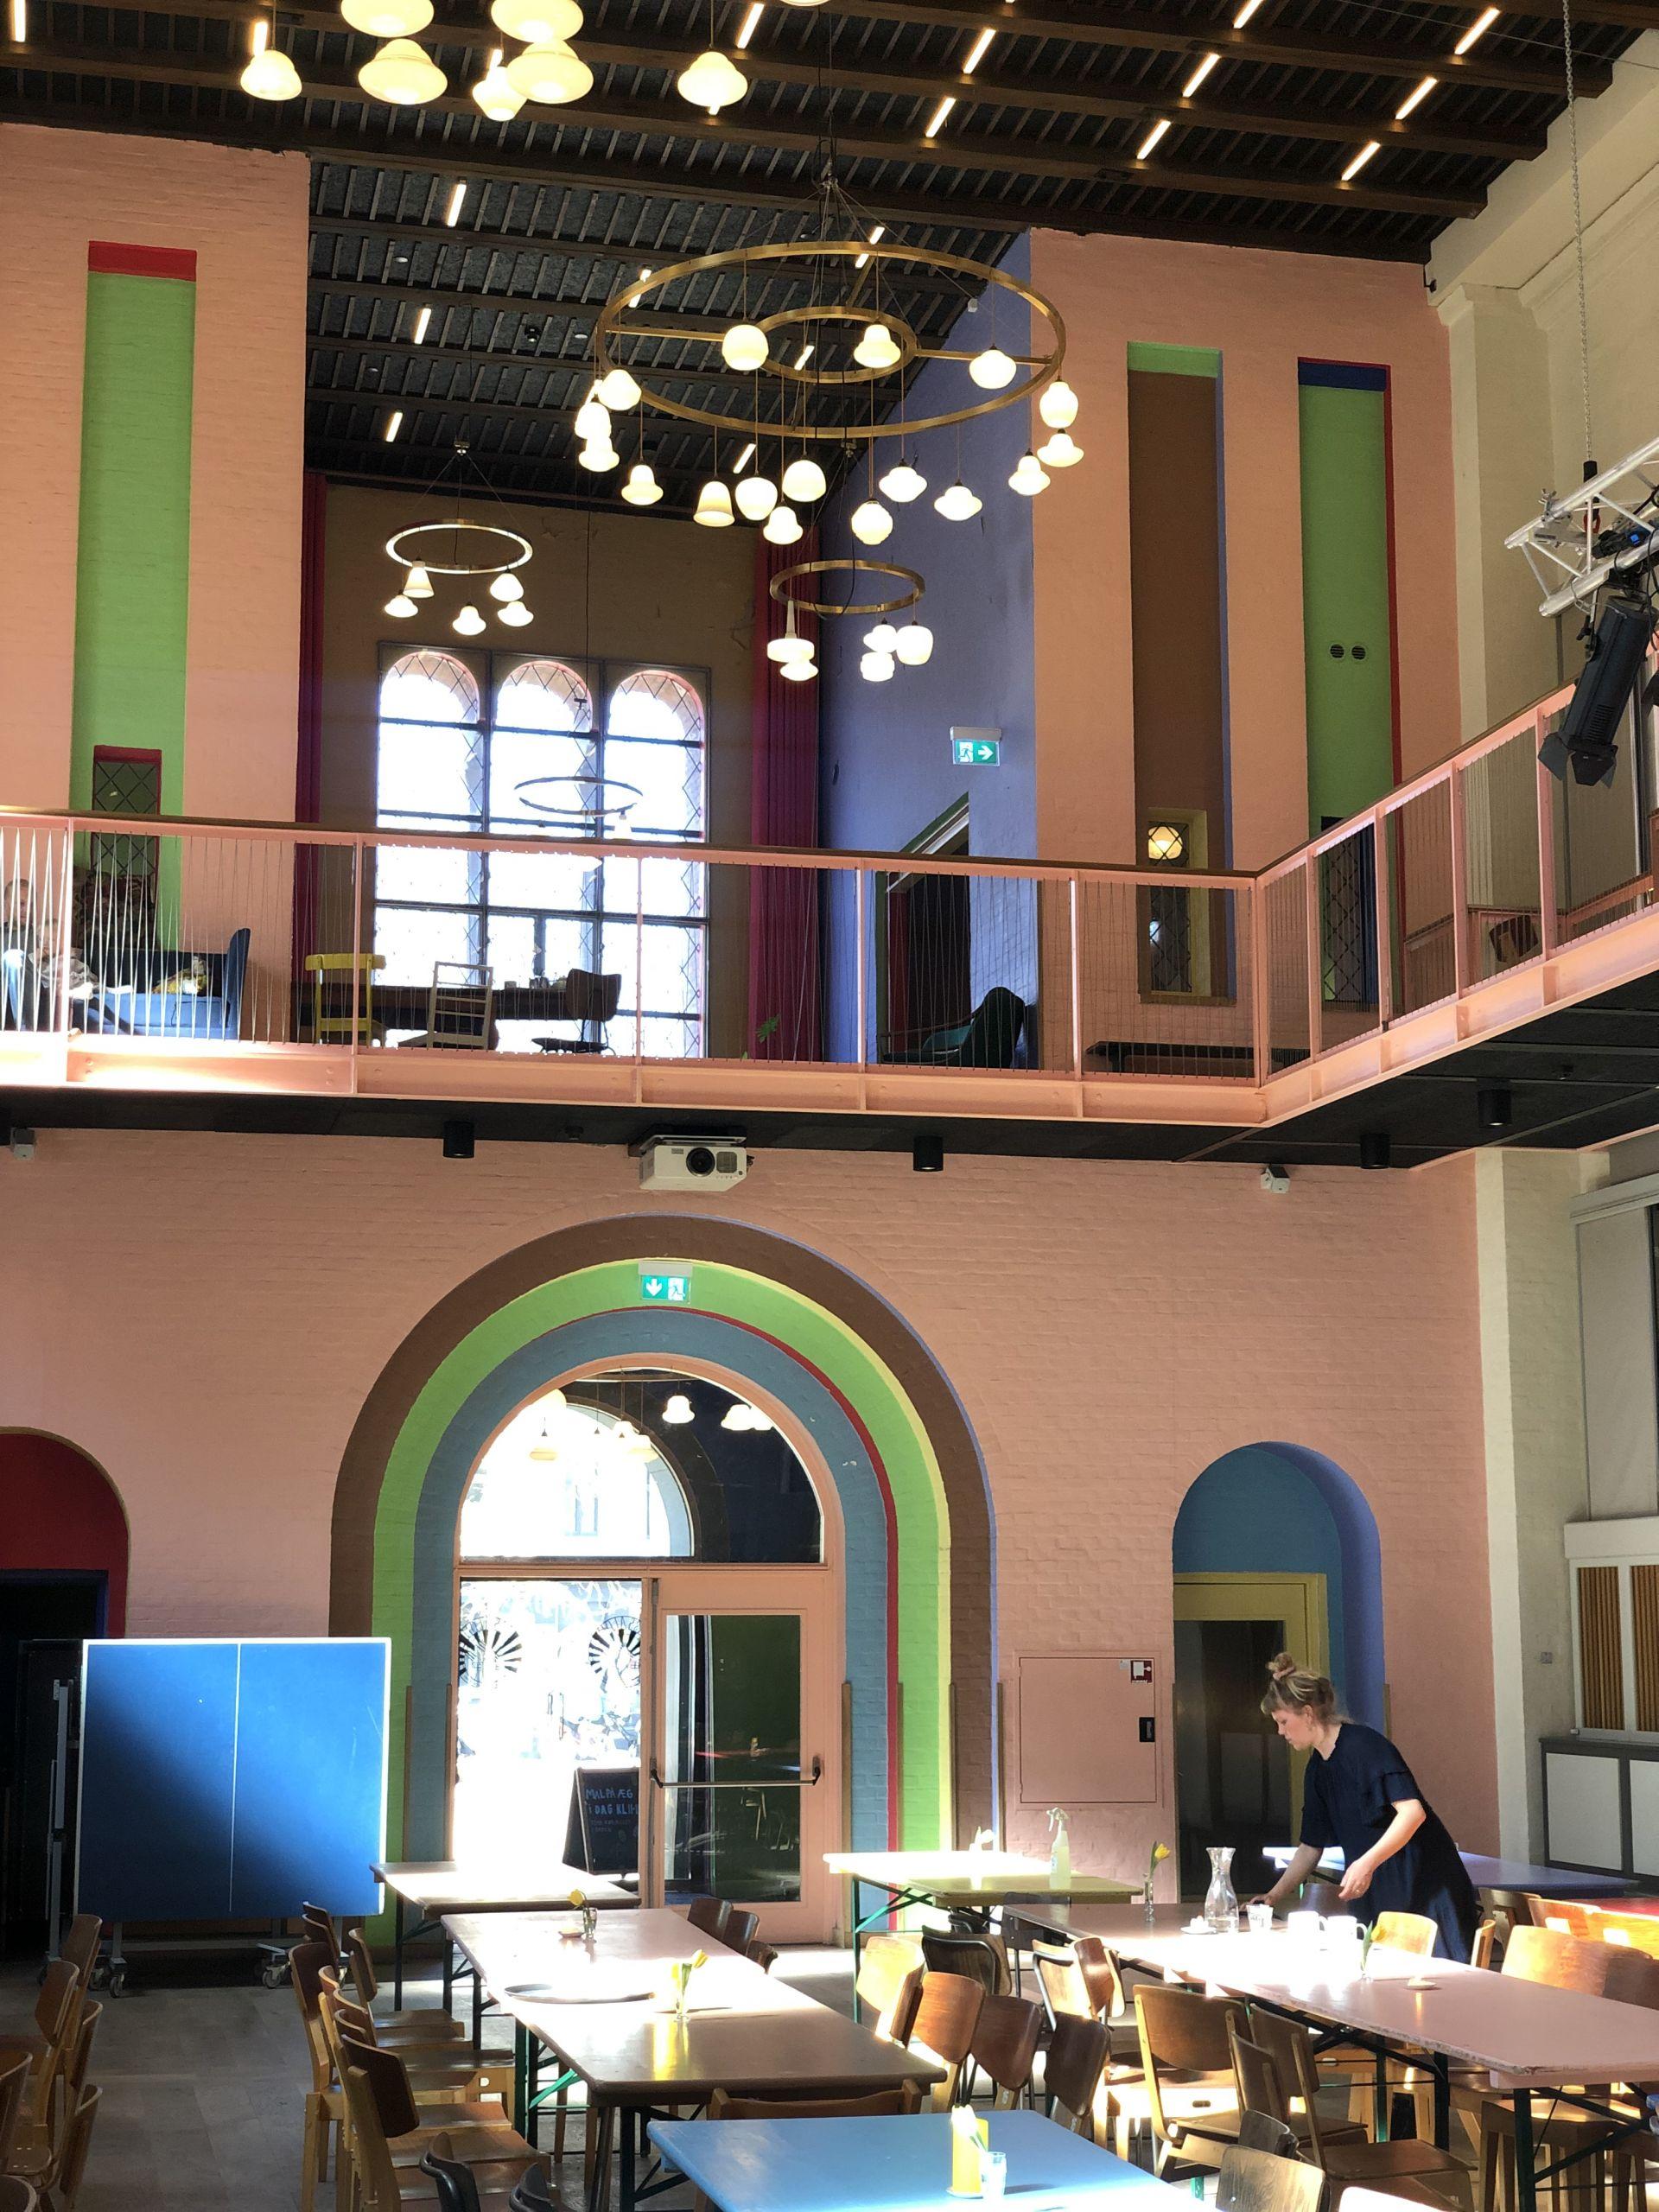 inside Cafe Absalon in Copenhagen